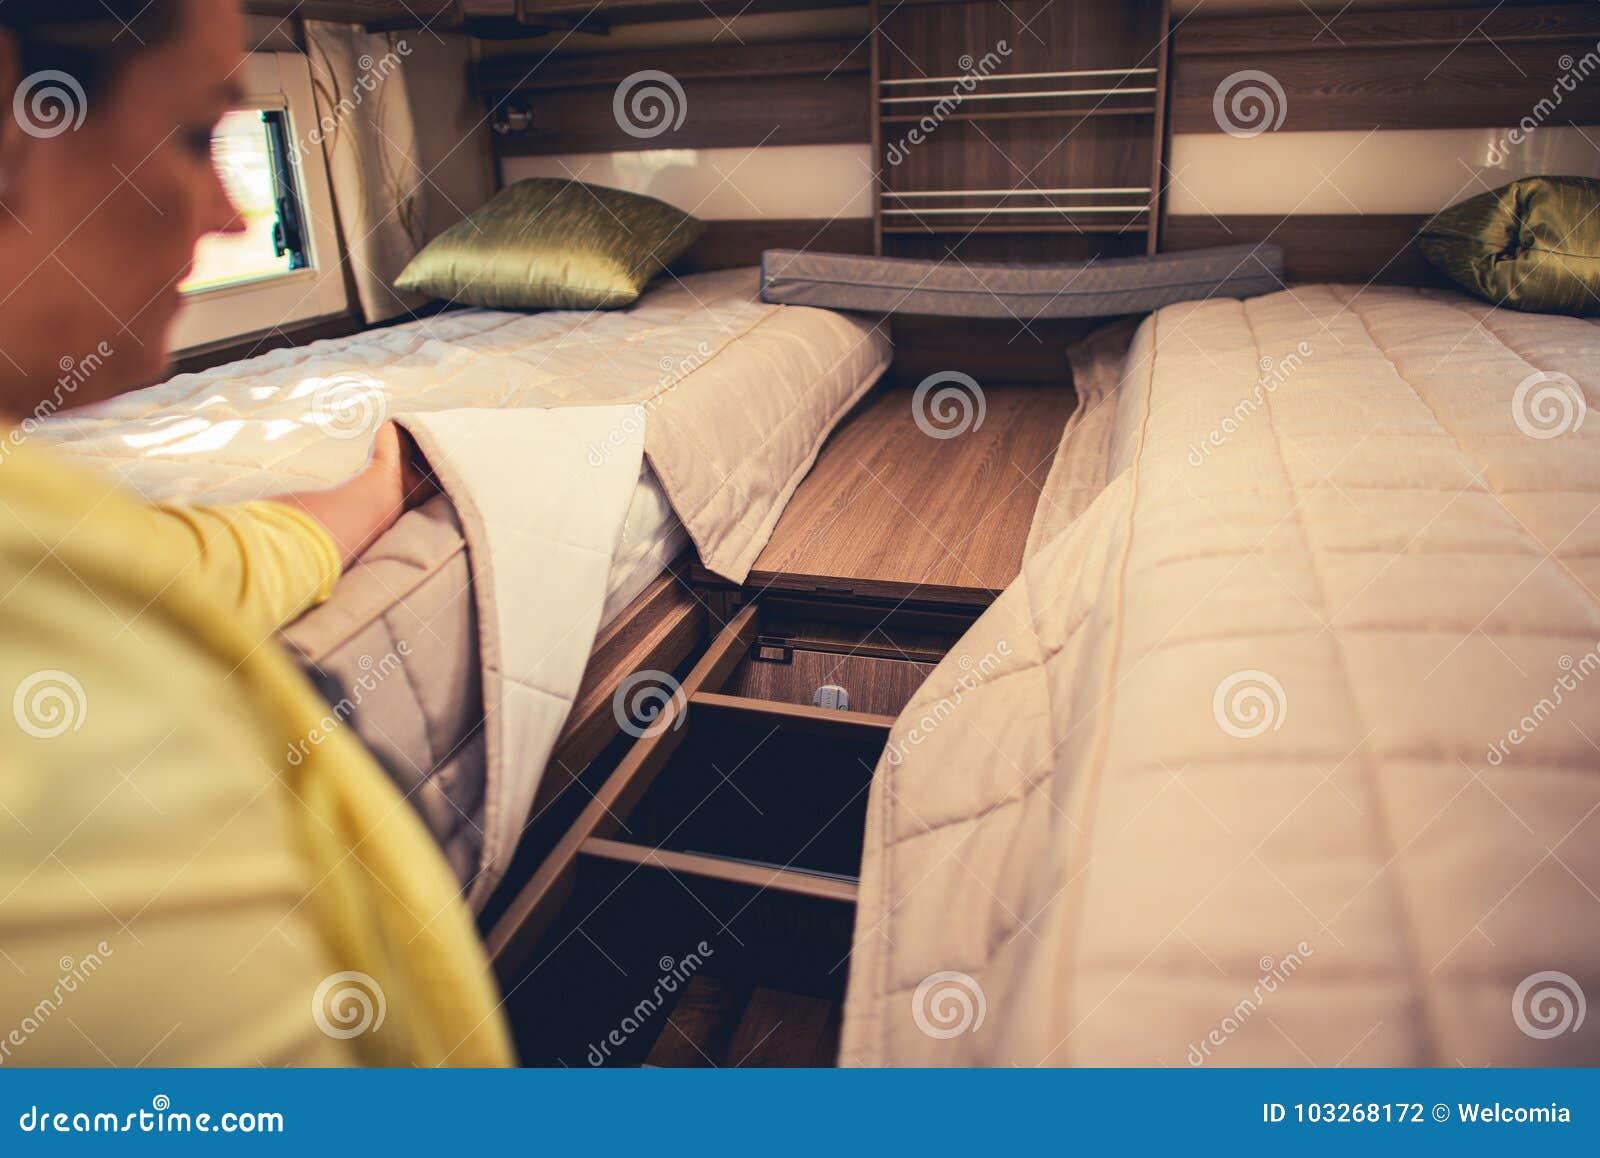 Campista Van Sleeping Beds